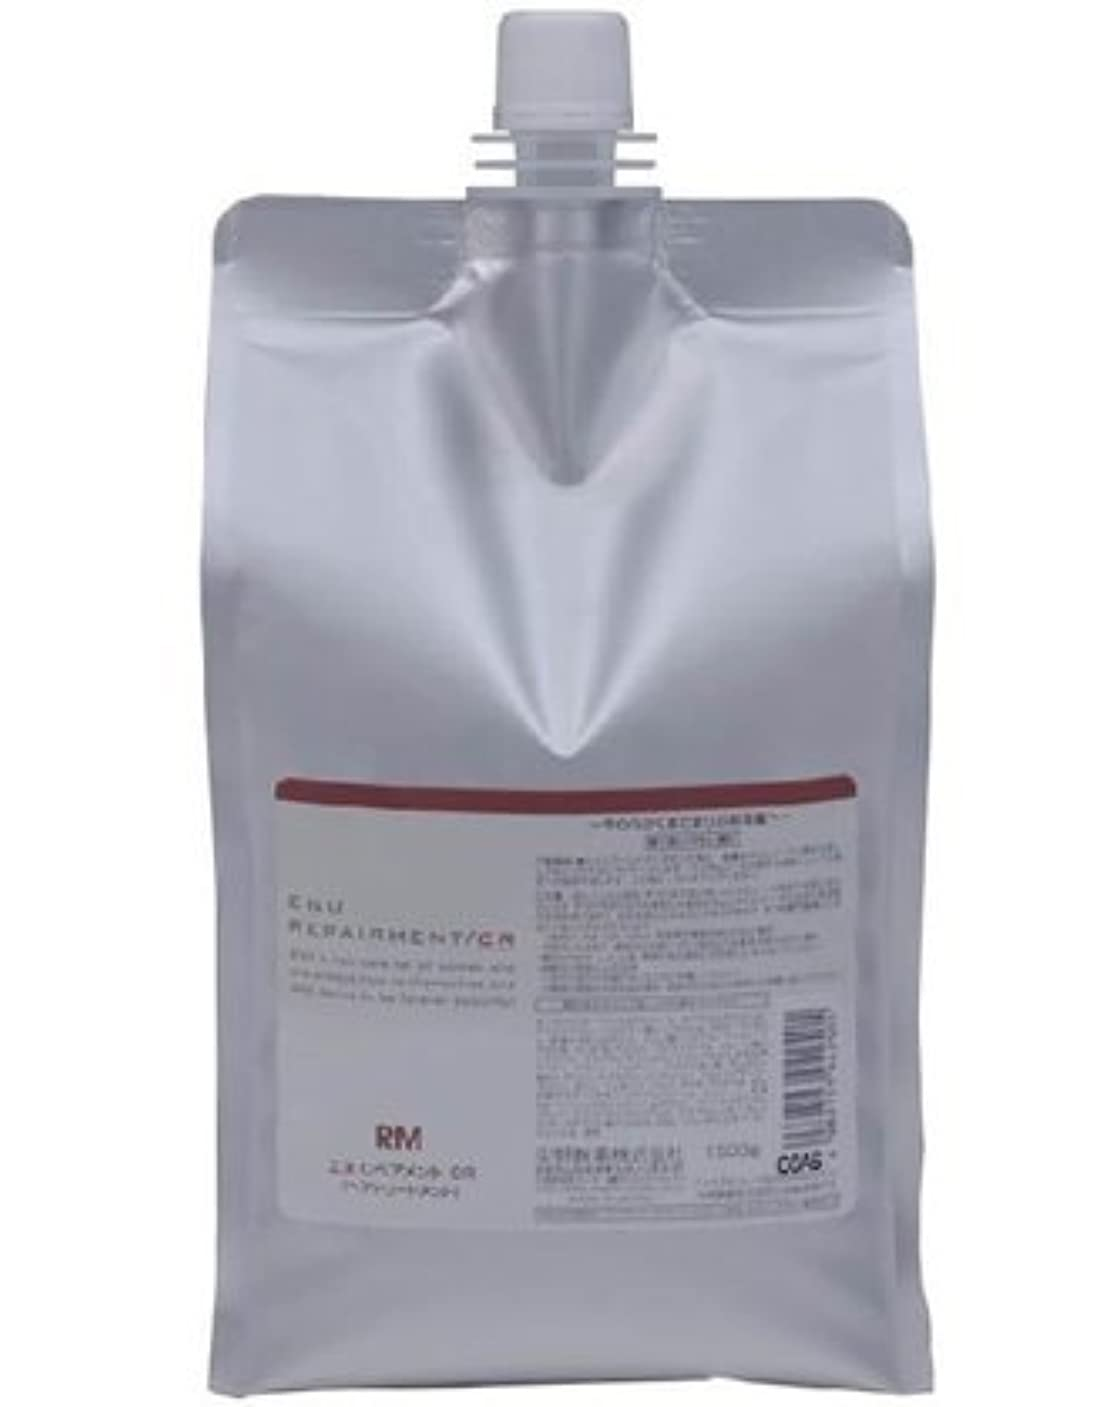 改善する出会い淡い中野製薬 ENU エヌ リペアメント CR 1500g レフィル 詰替え用